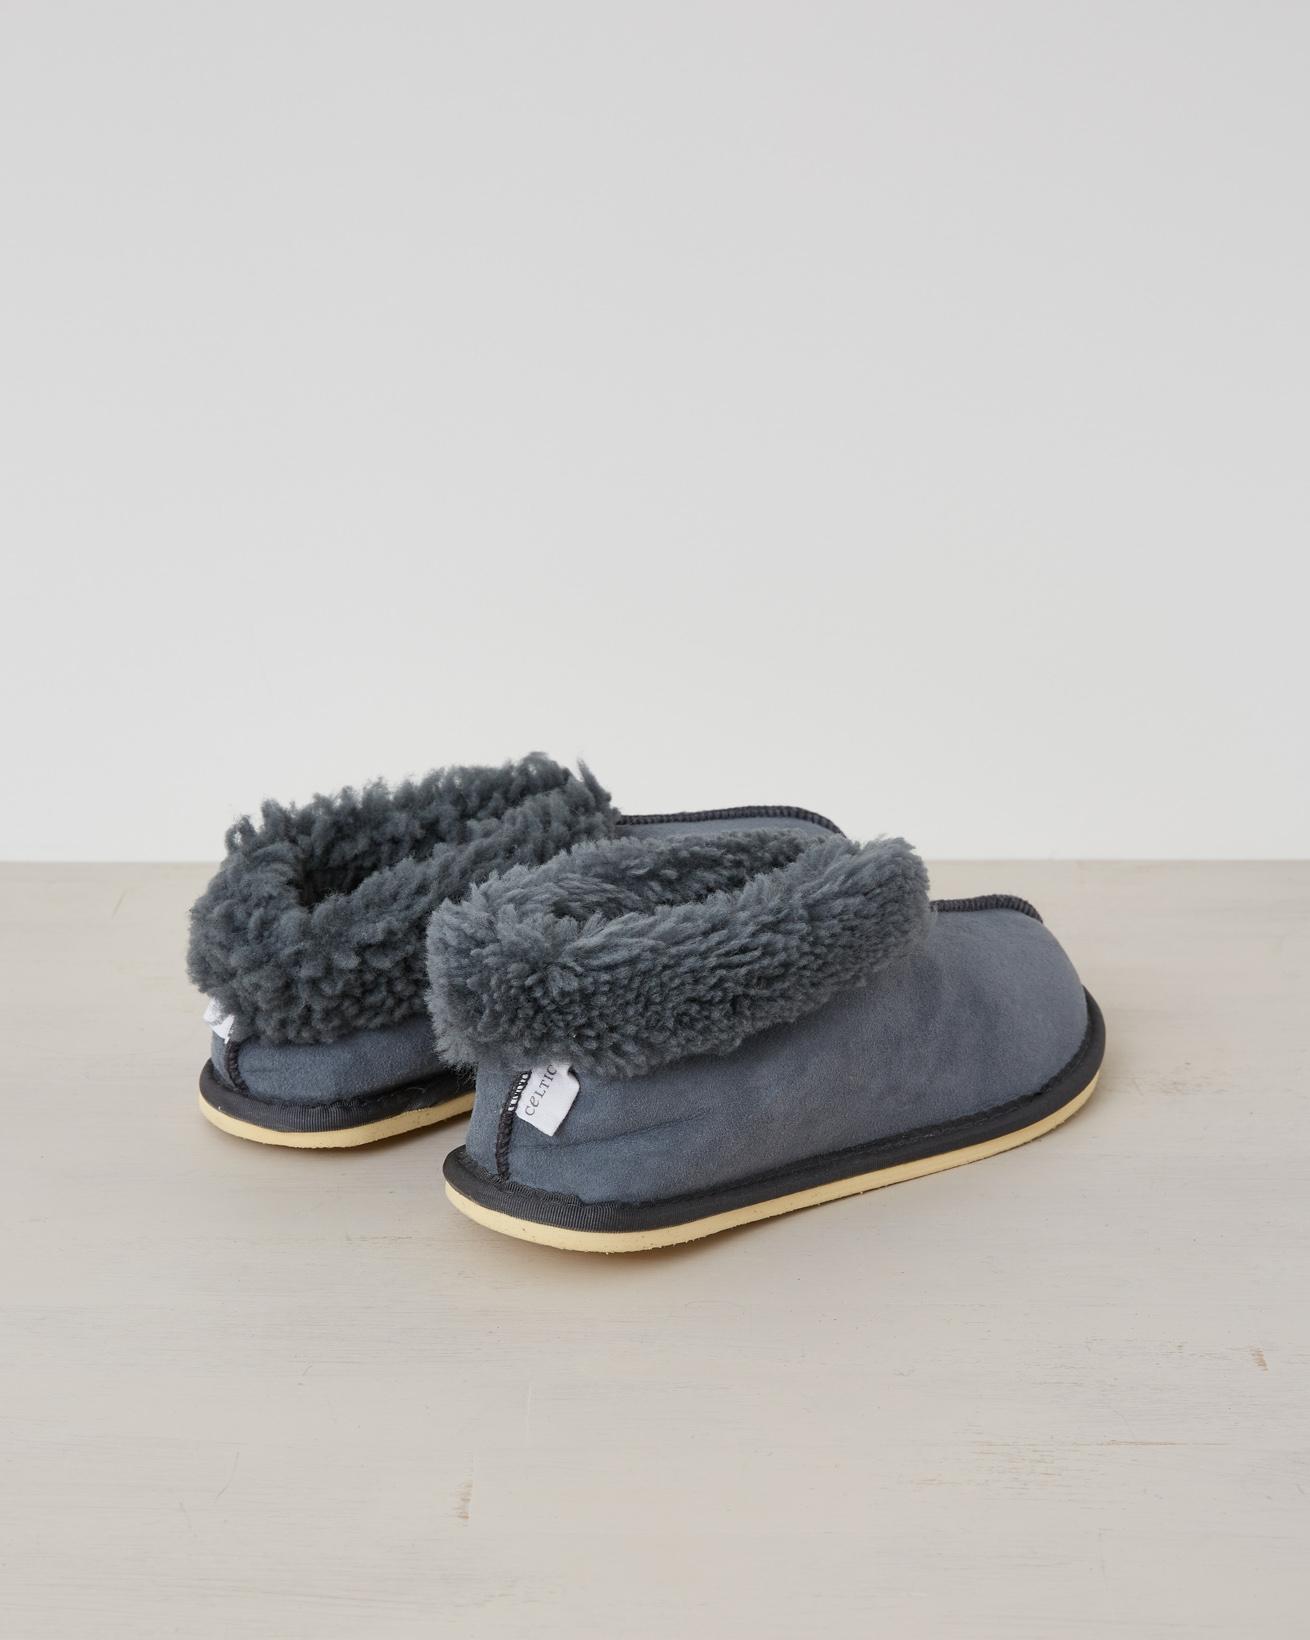 2470-ladies sheepskin bootee slippers - dark grey - 5 - back.jpg